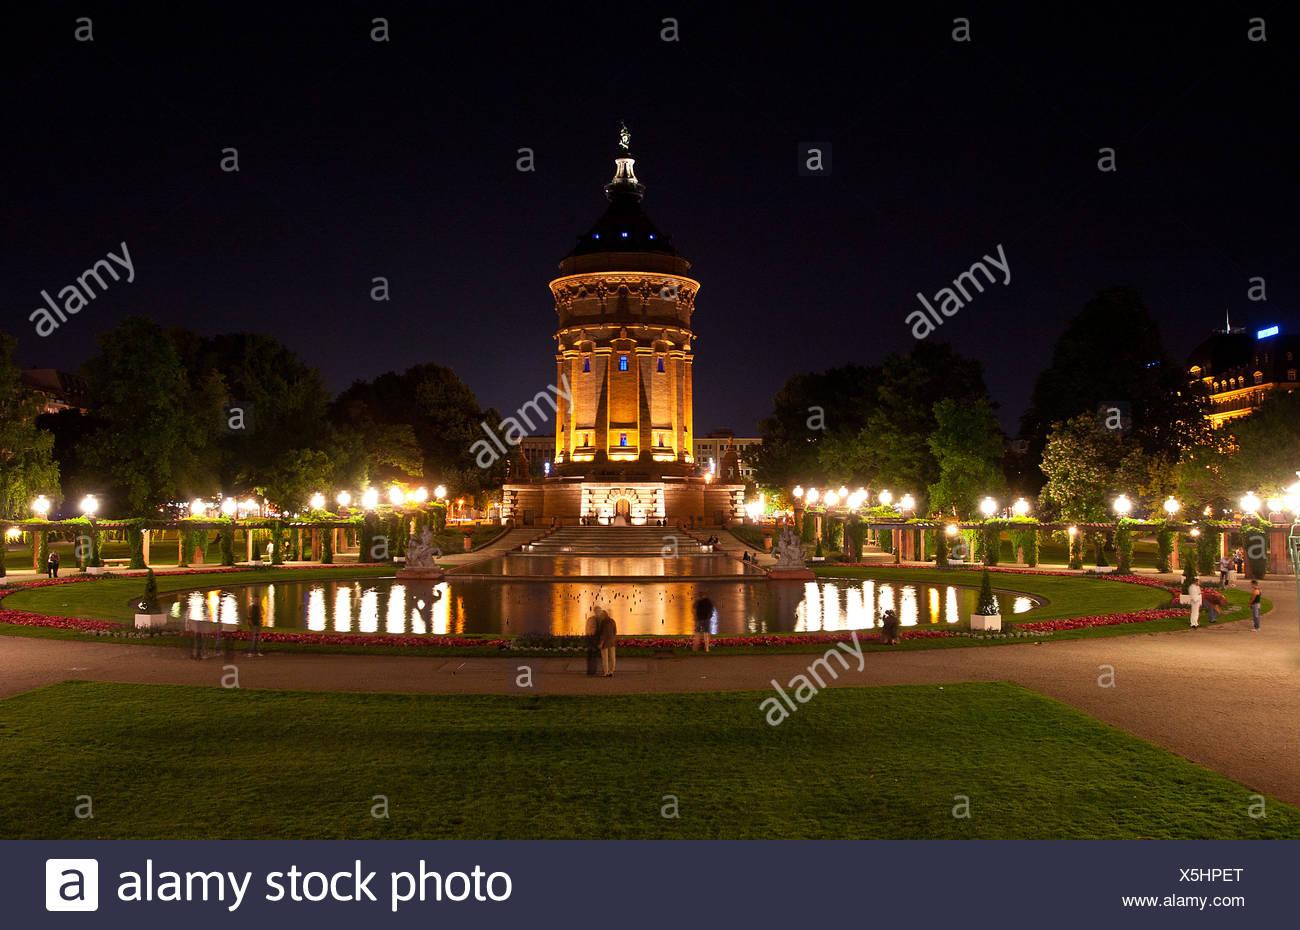 Mannheim water tower di notte Immagini Stock